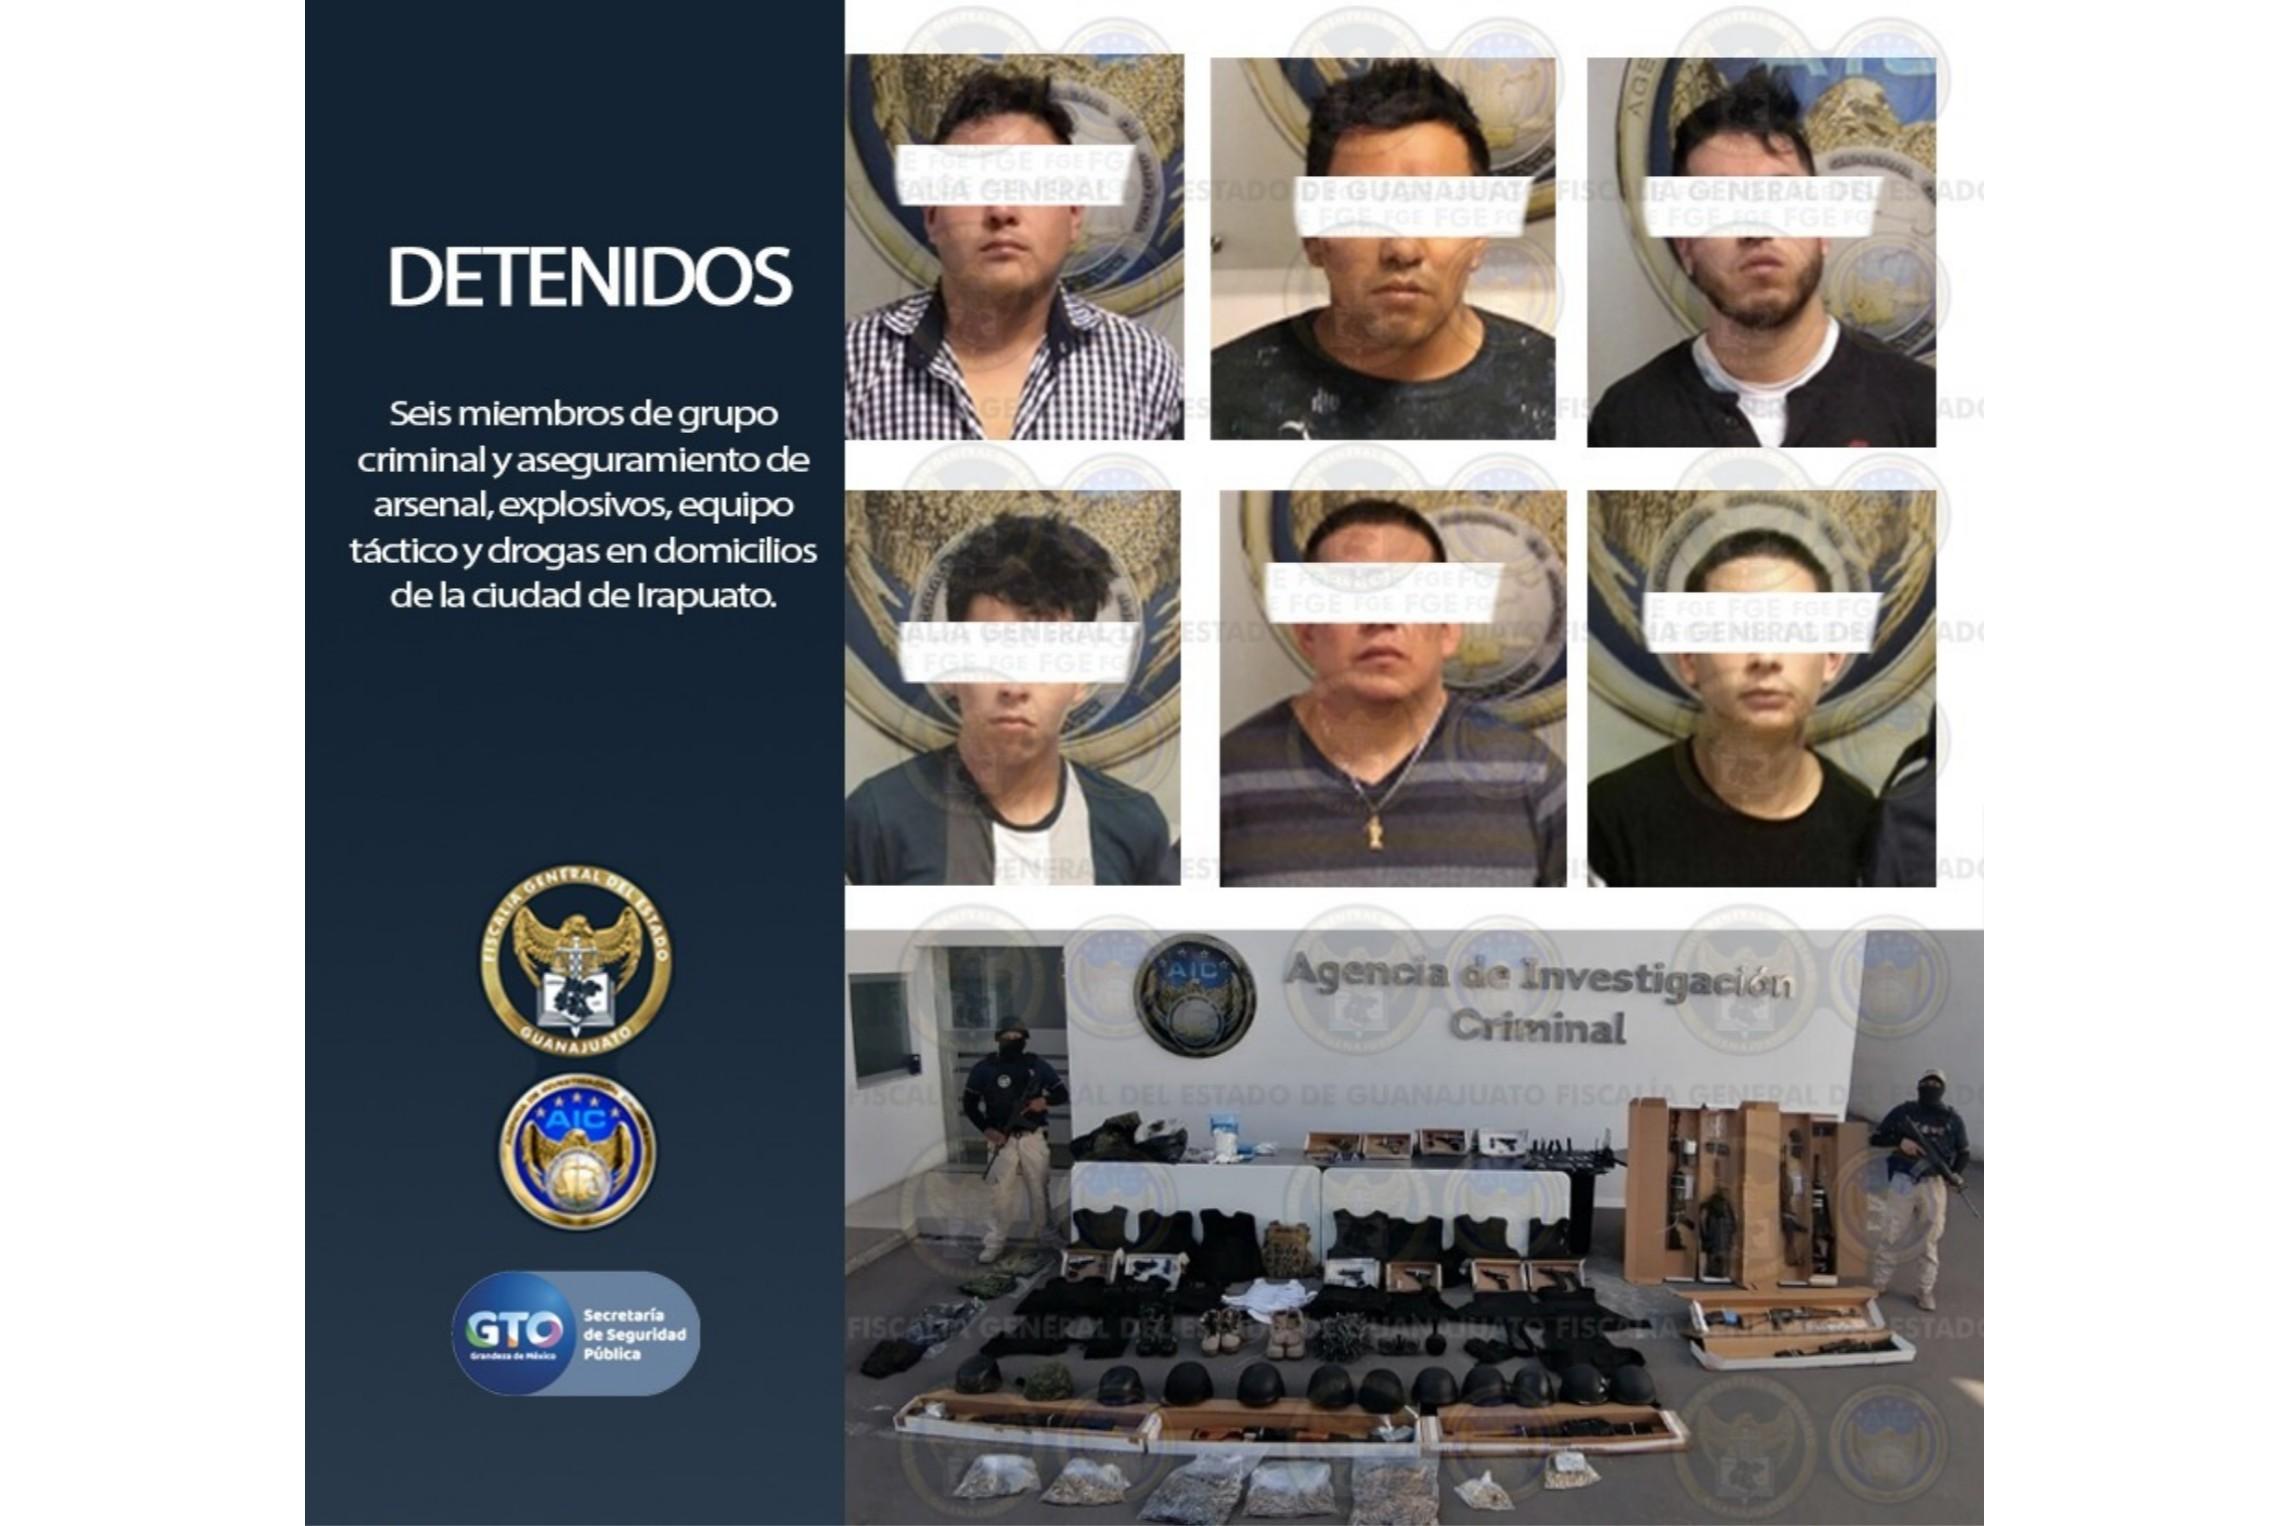 """Logran asegurar """"casas de seguridad"""" en Irapuato, deteniendo a 6 personas con arsenales, explosivos, equipos tácticos y drogas. 3"""